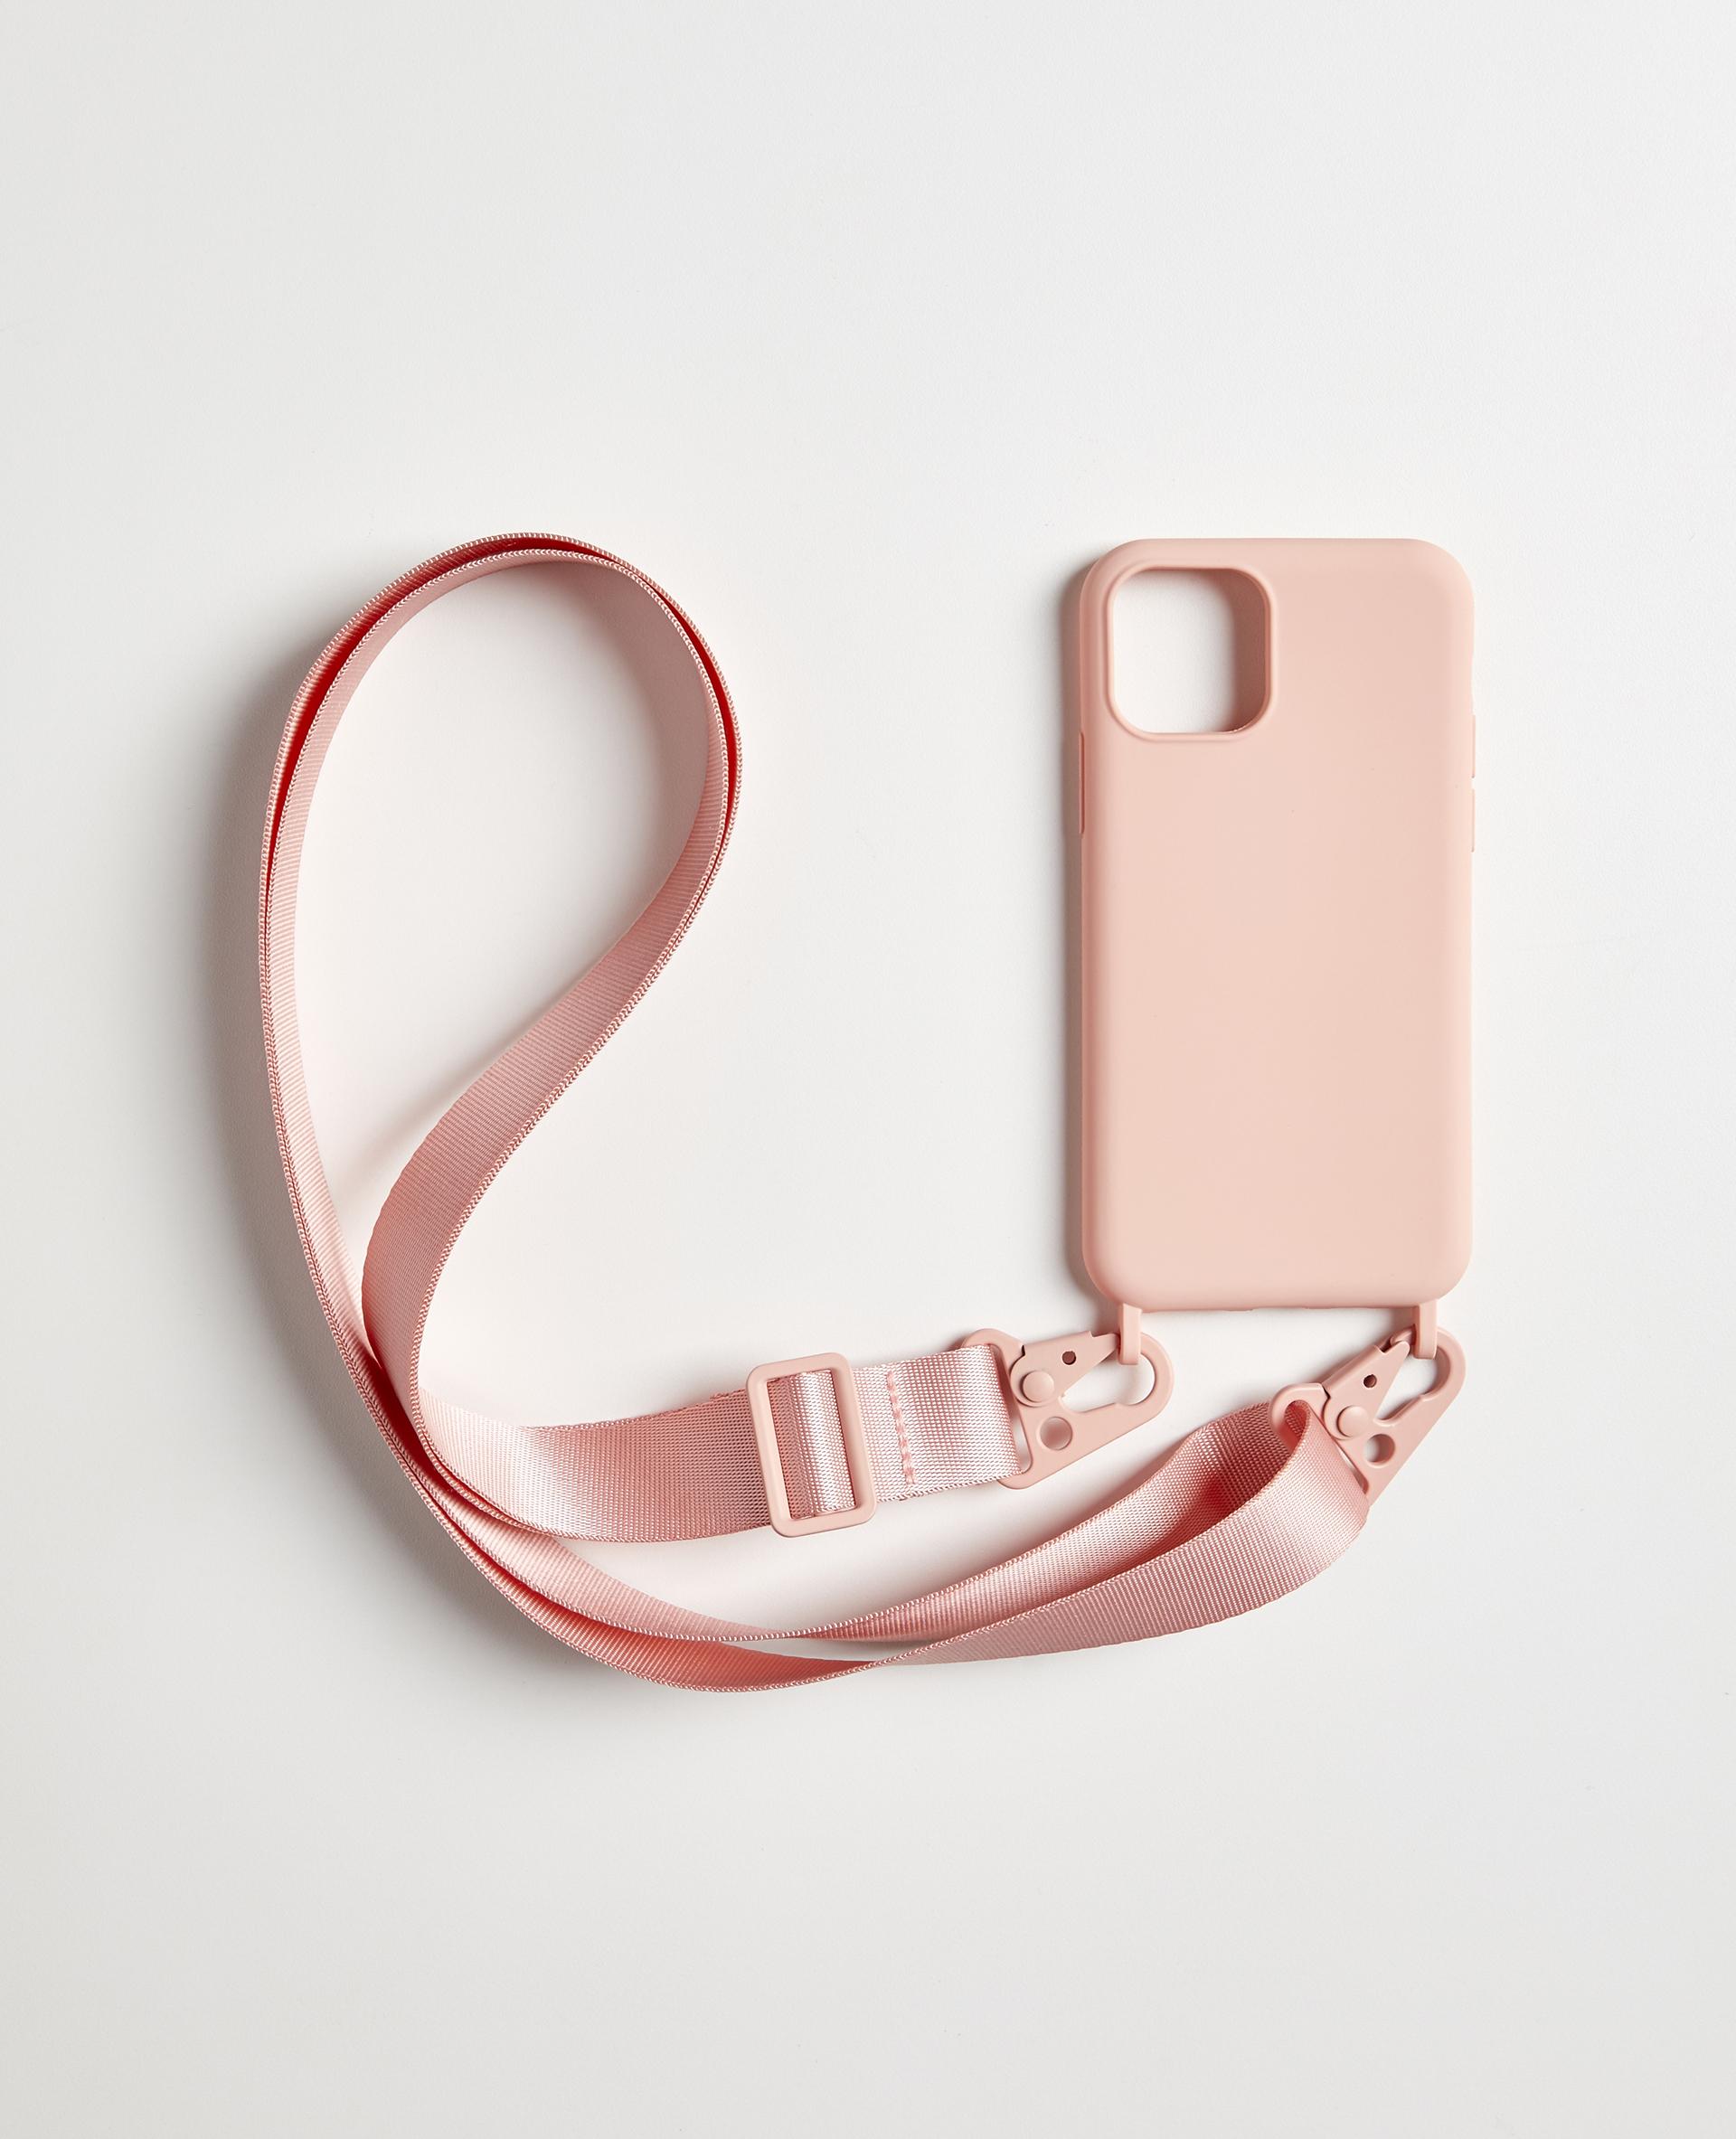 Coque Iphone avec bandoulière rose - Pimkie